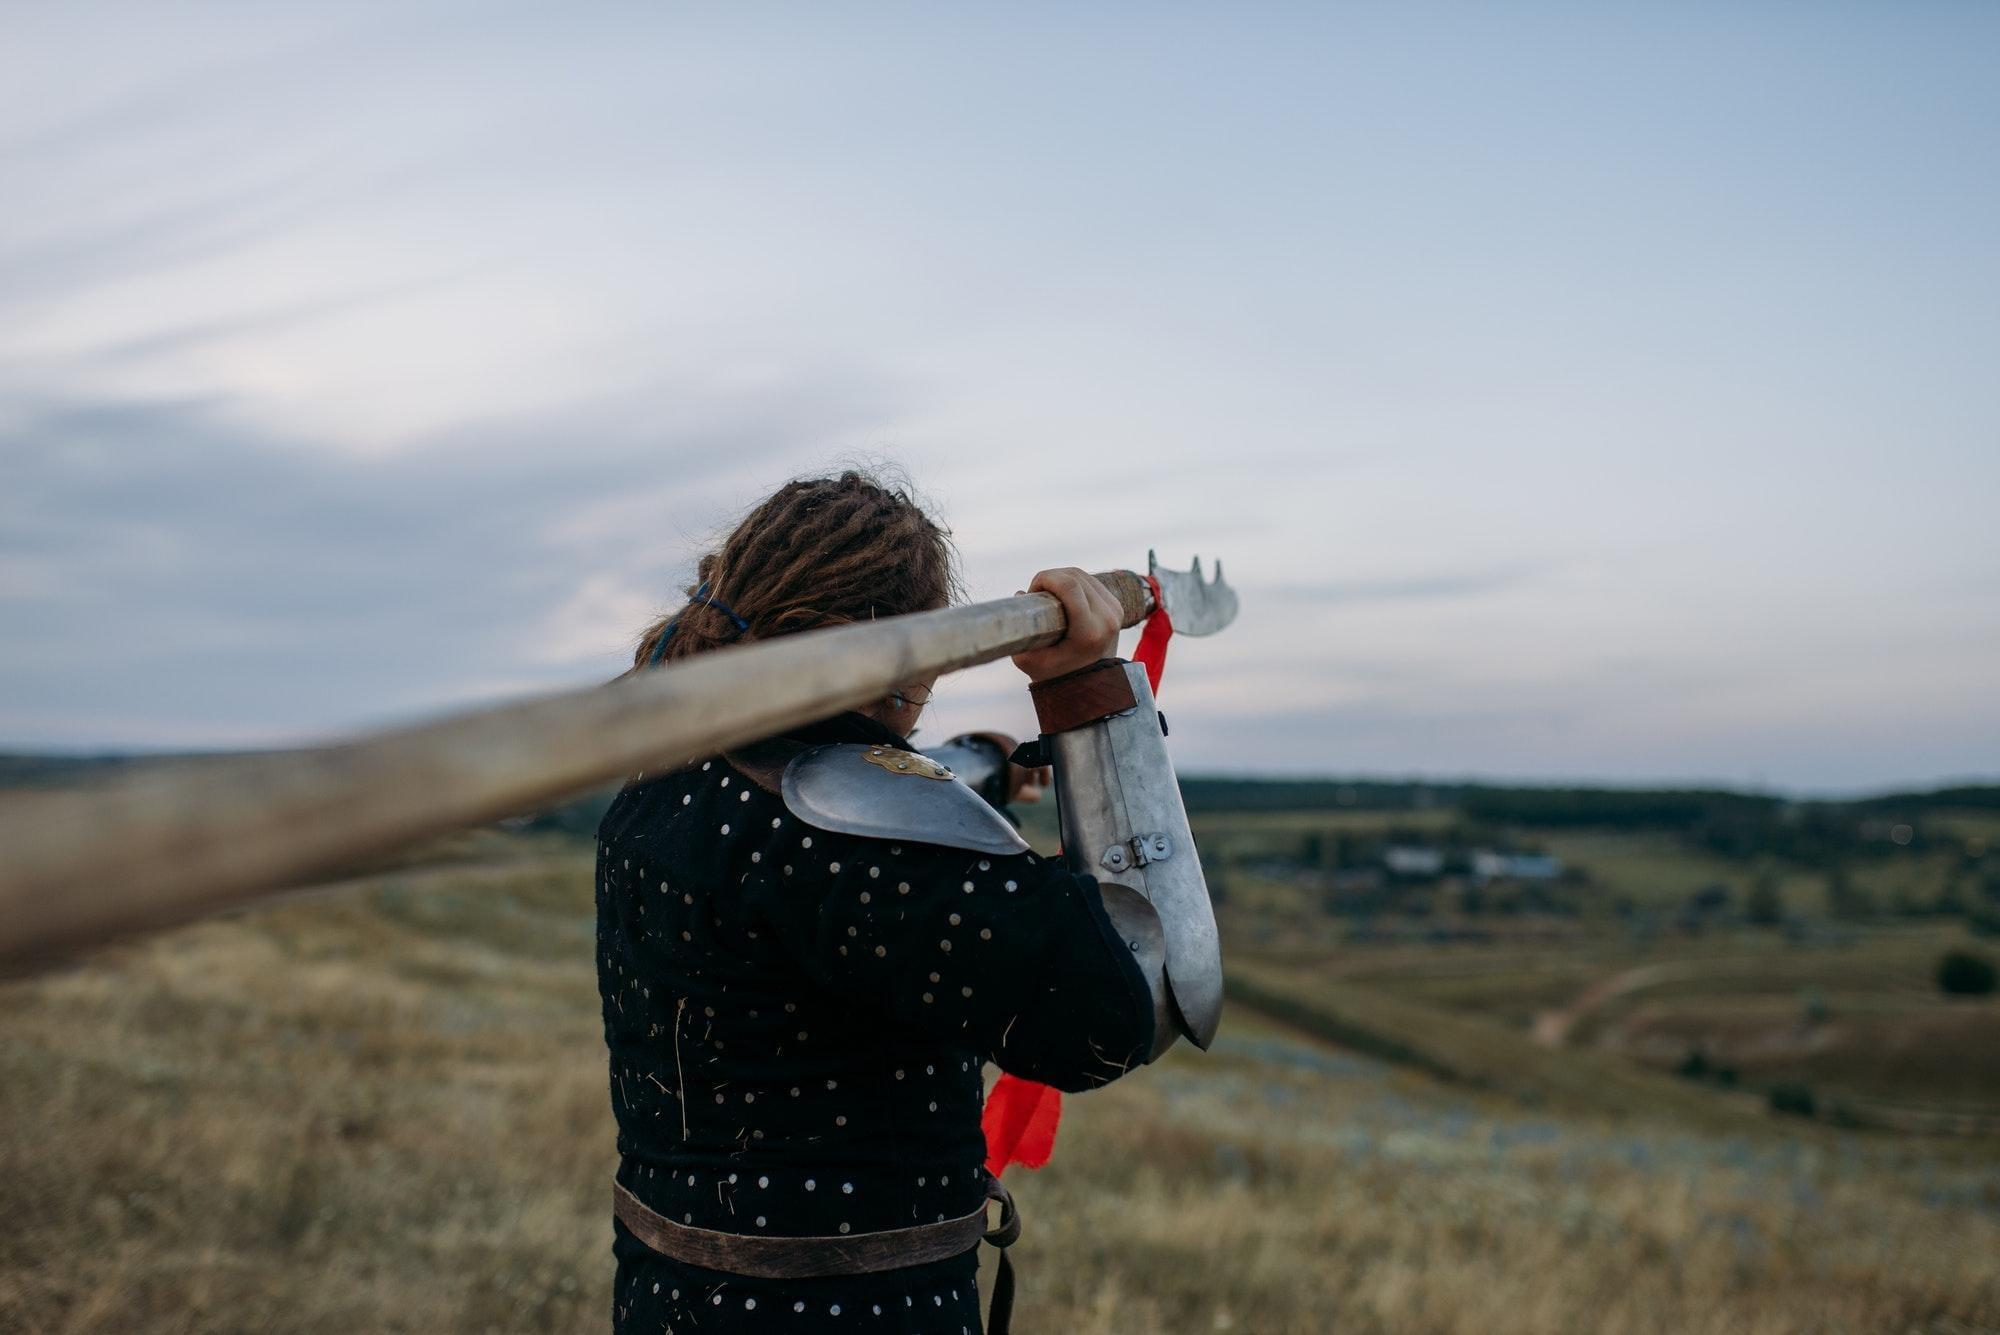 Skirmisher throwing javelin